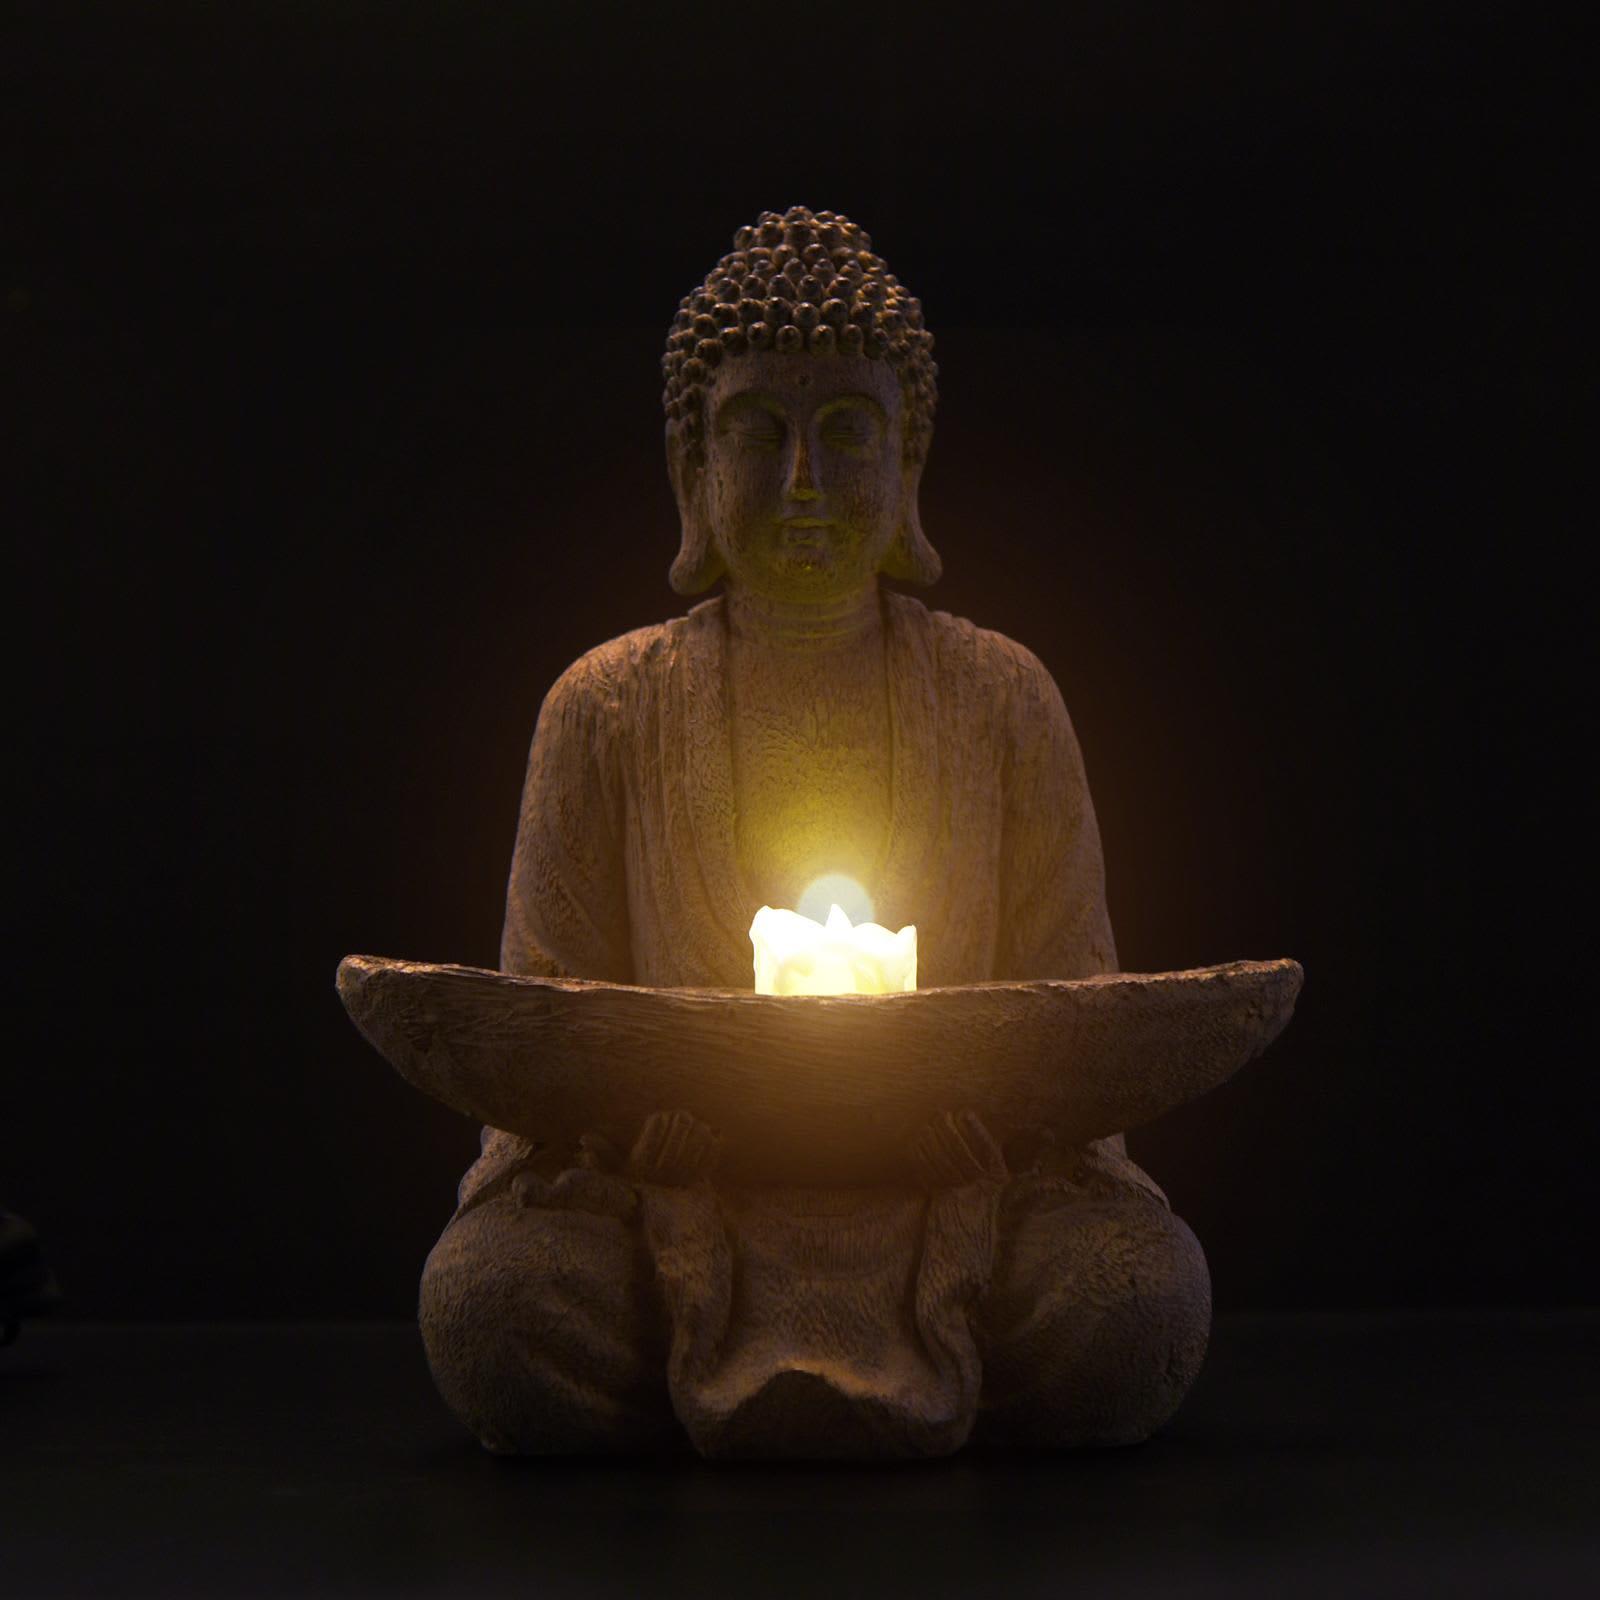 Goodeco-estatua de Buda meditador para exteriores, escultura de Buda Zen para decoración de la habitación del hogar, Patio, Jardin, Buda o nombre